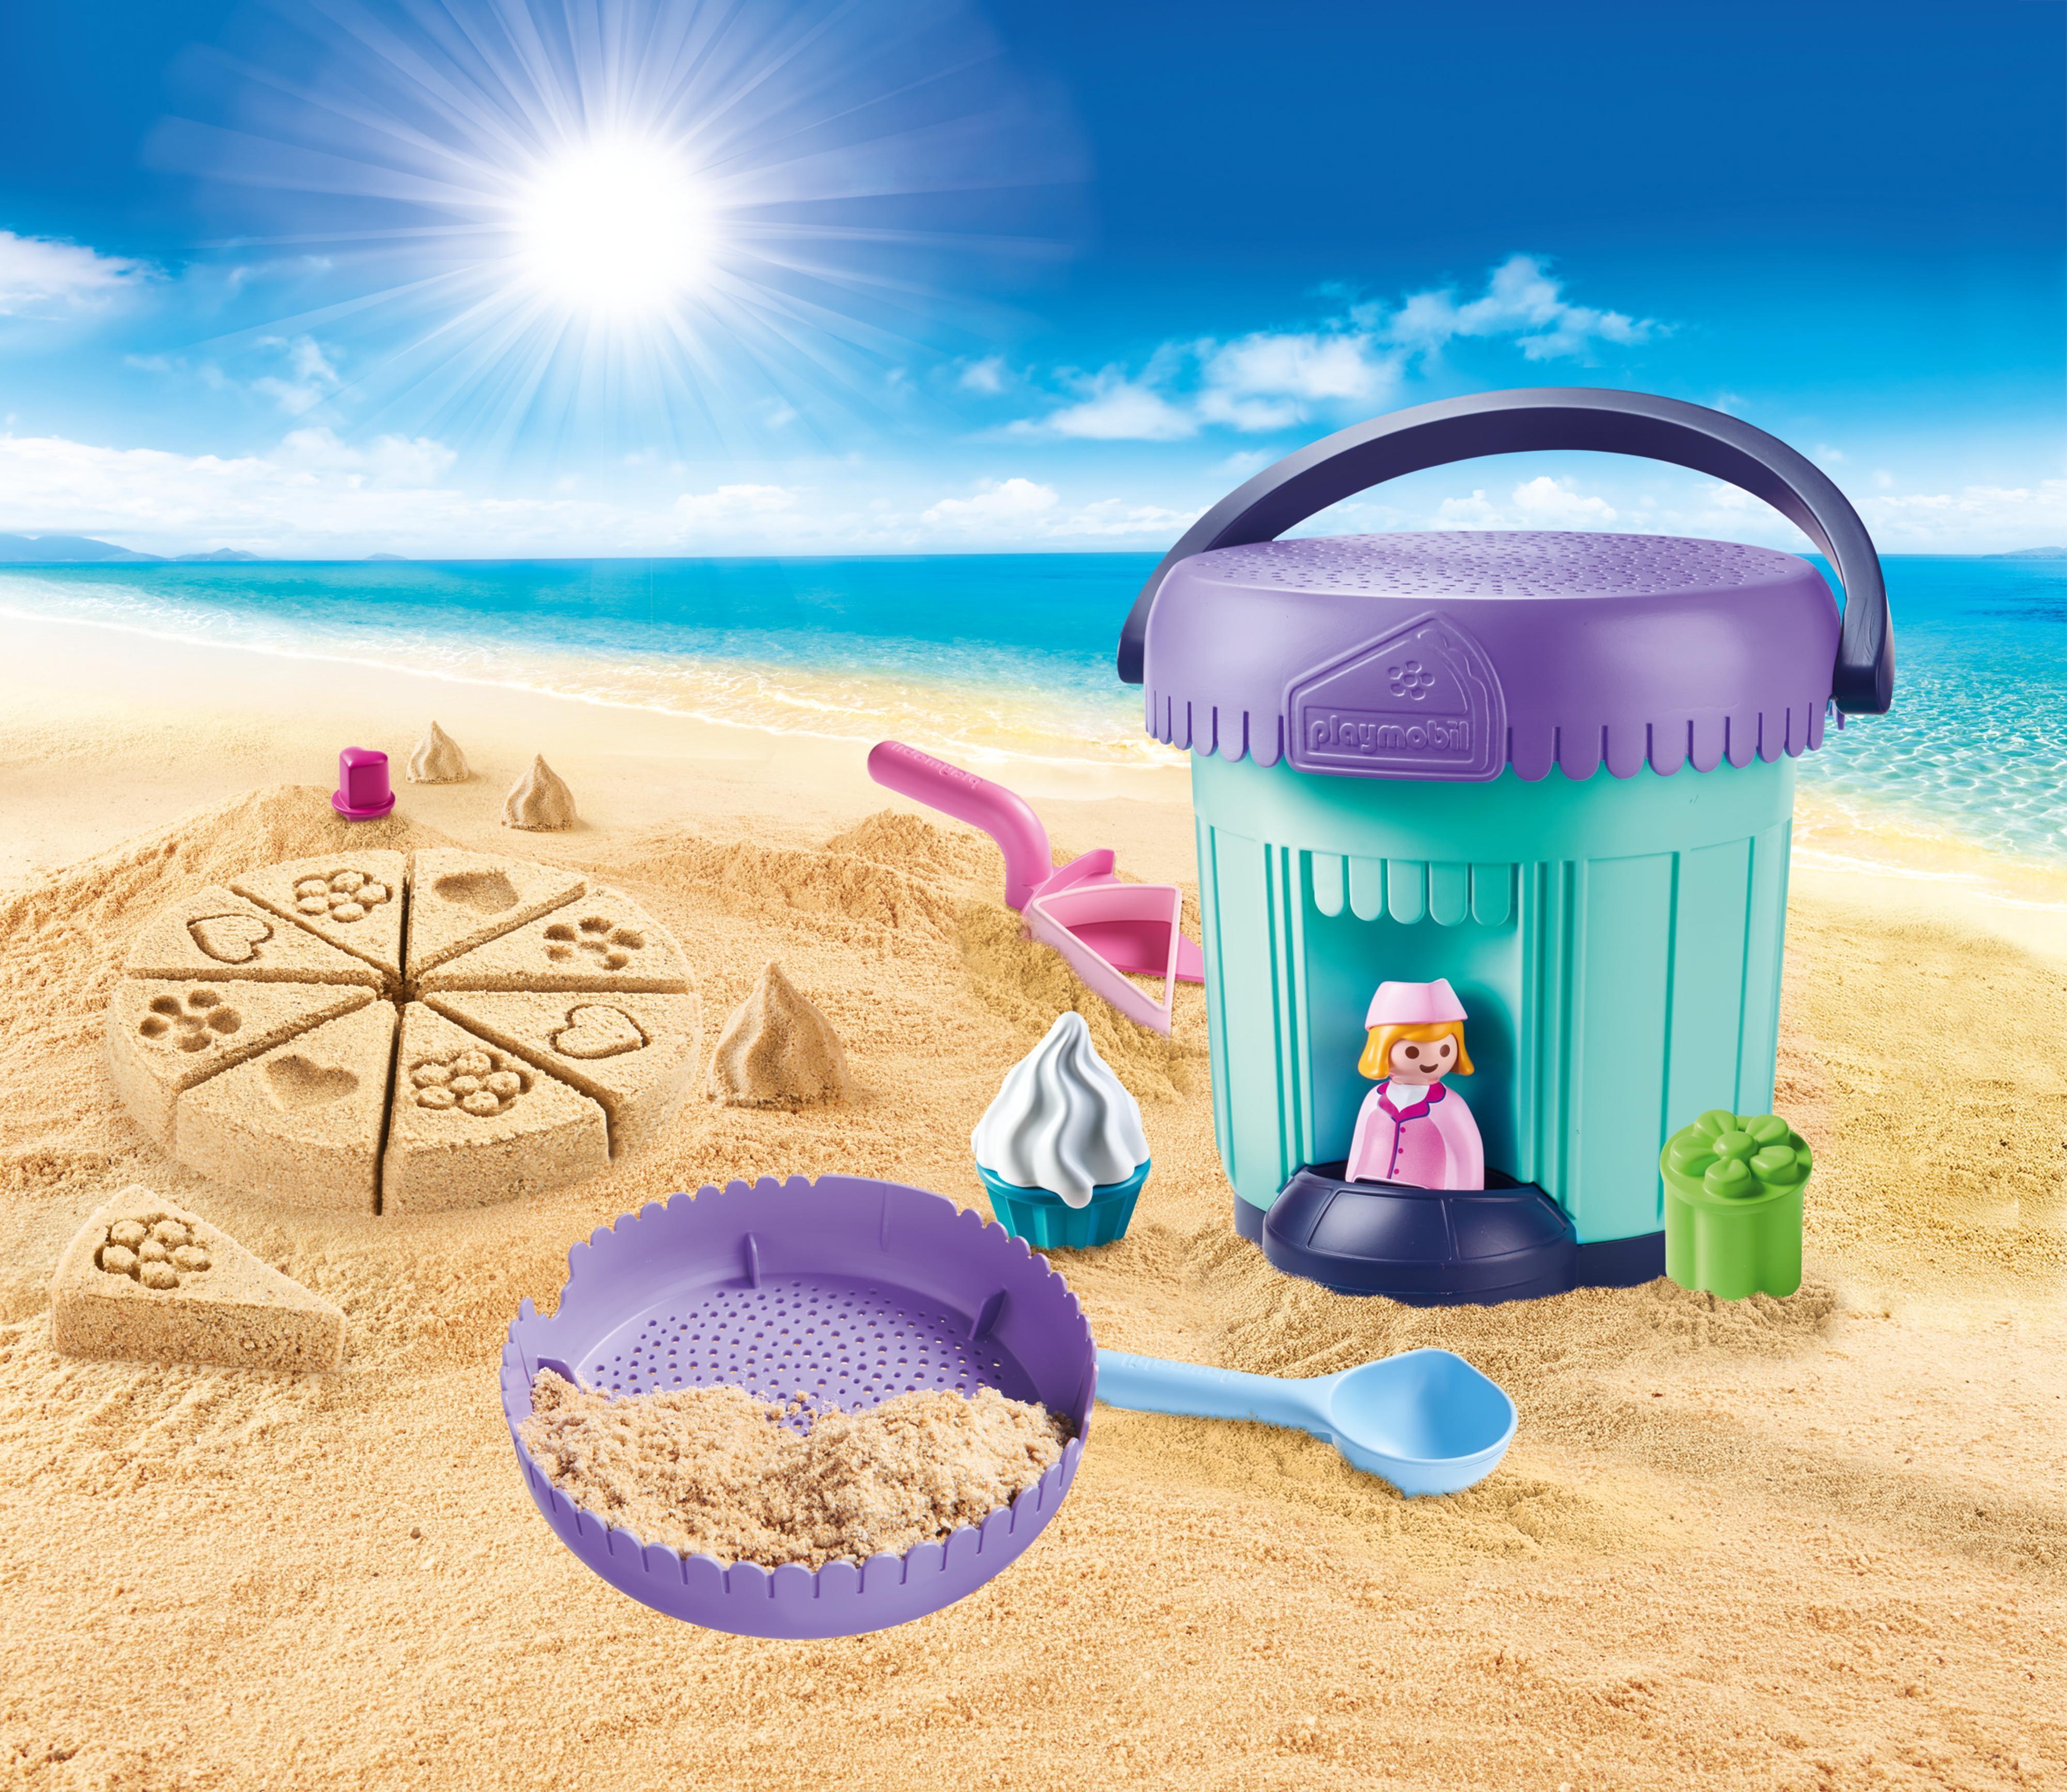 Playmobil 1.2.3 Sand: Zestaw